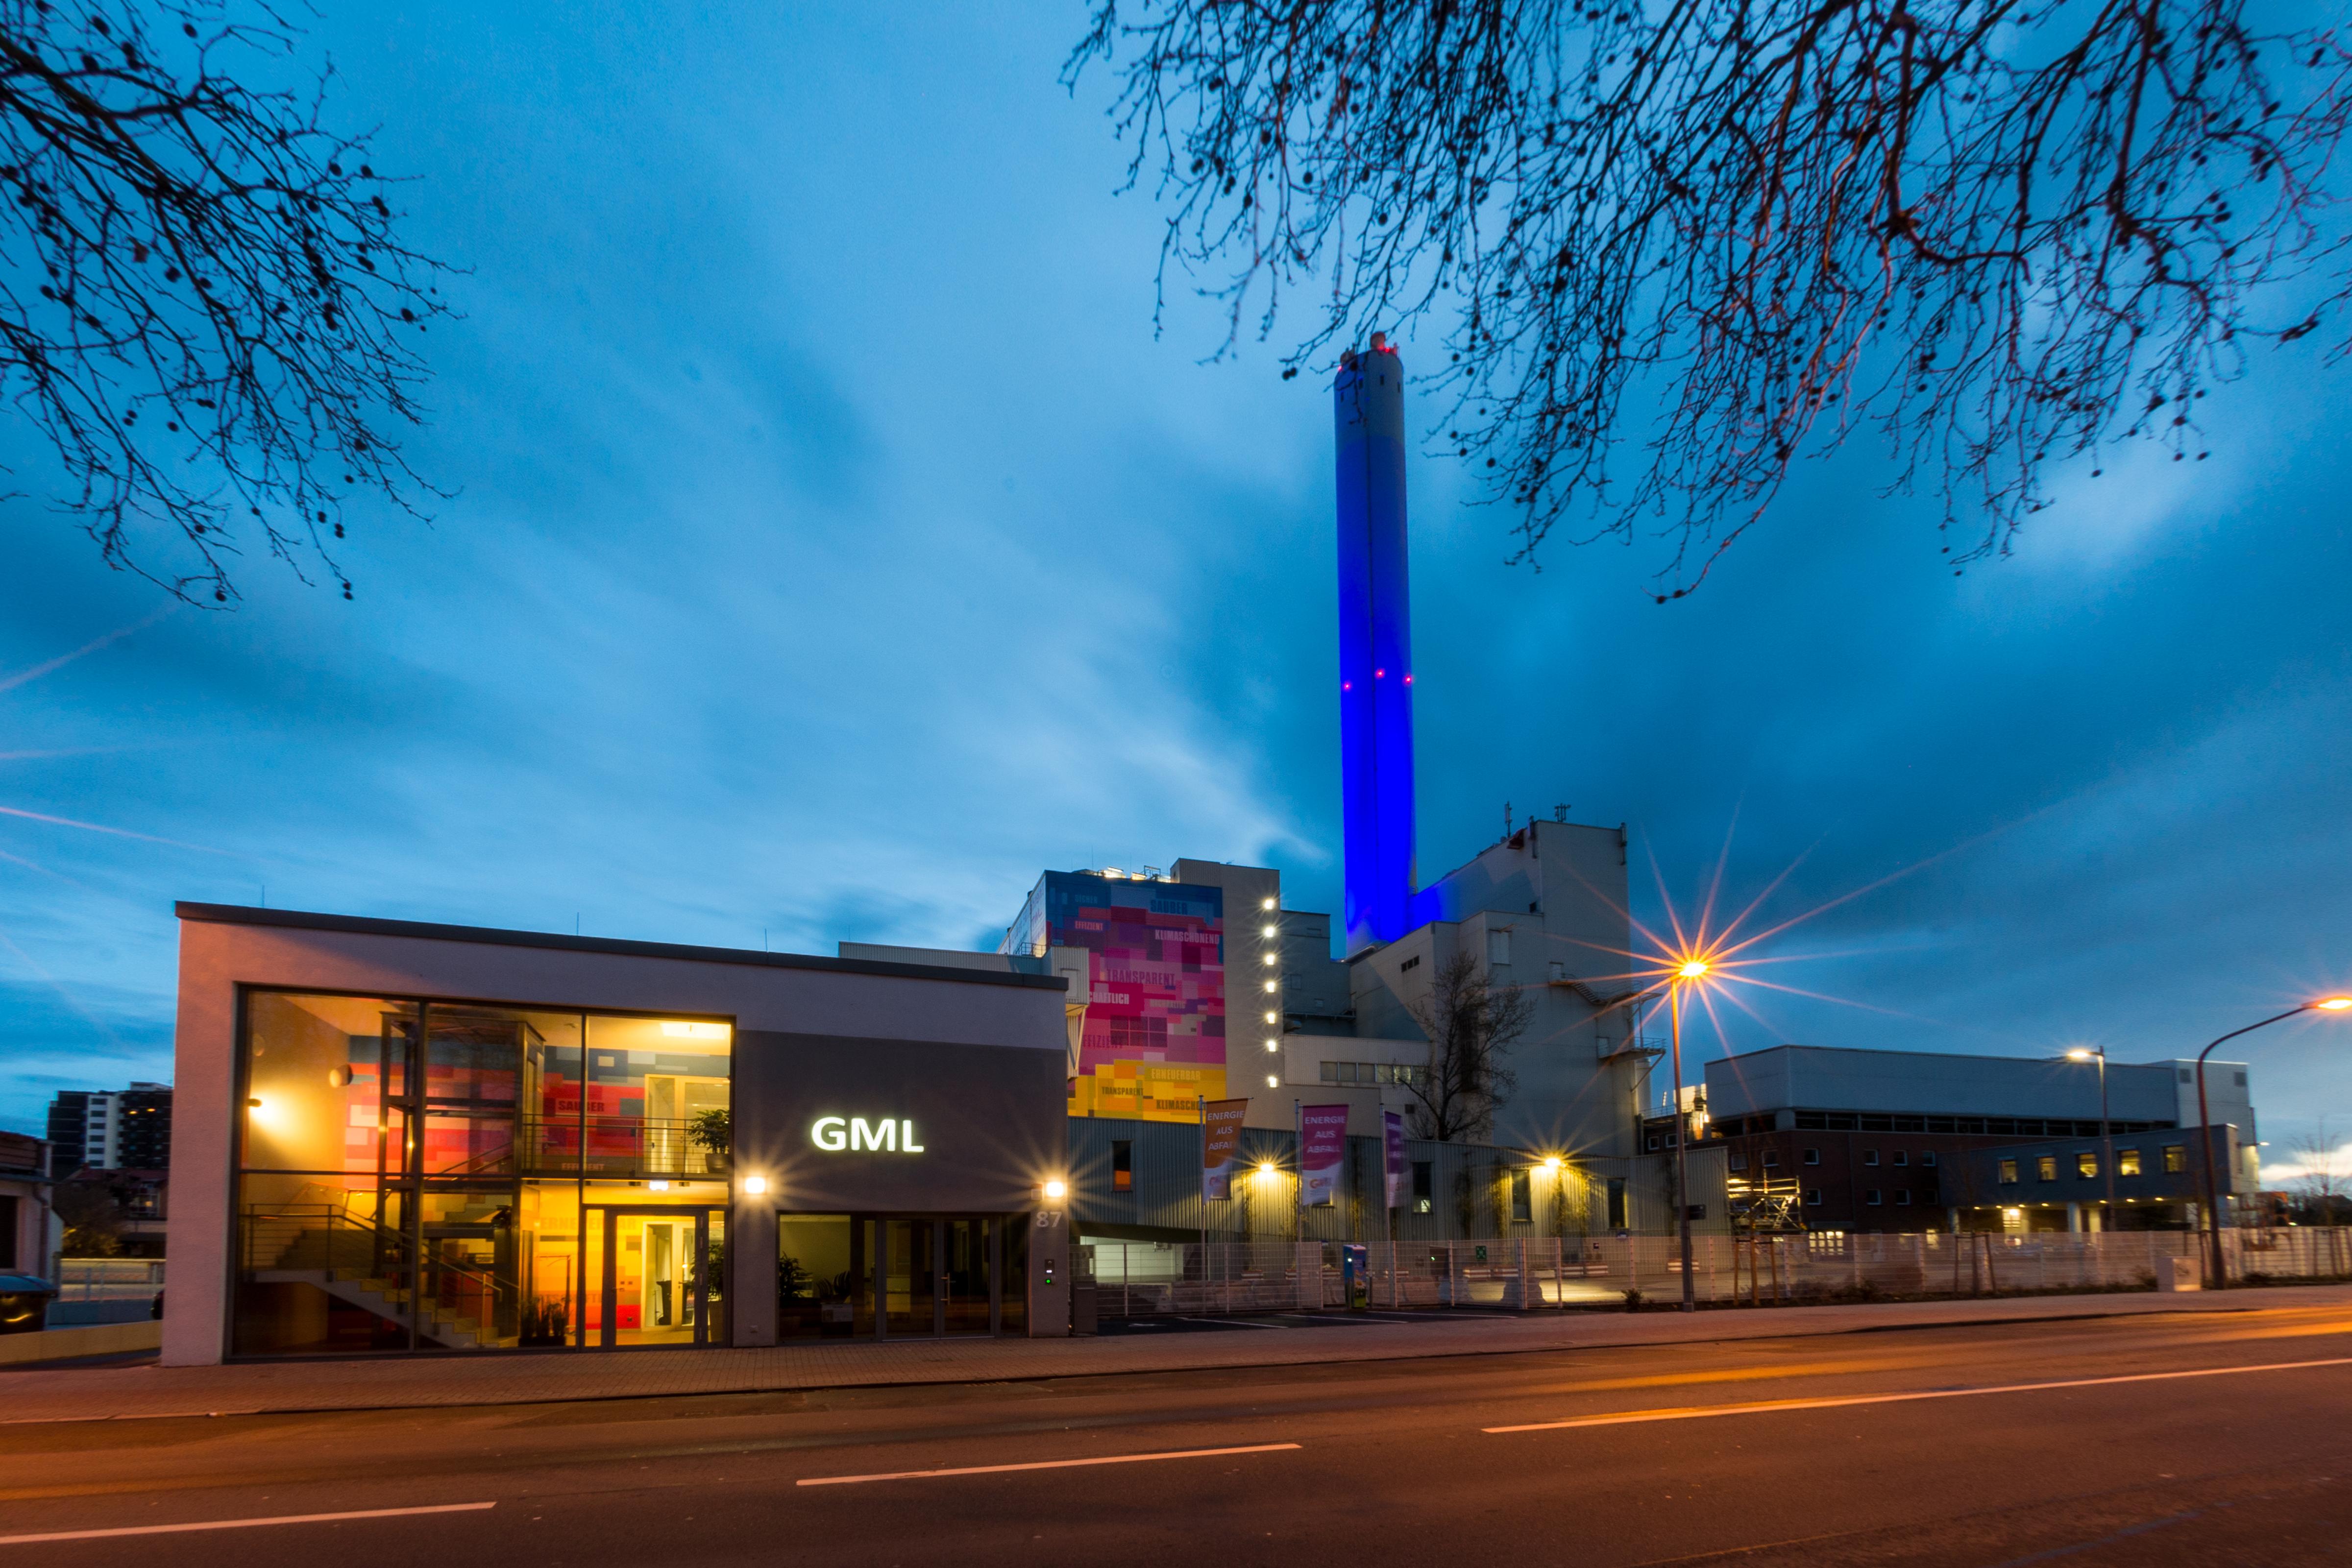 Wieso Wertstoff-Recycling und Müllverbrennung zusammenpassen (Gemeinschafts-Müllheizkraftwerk Ludwigshafen)